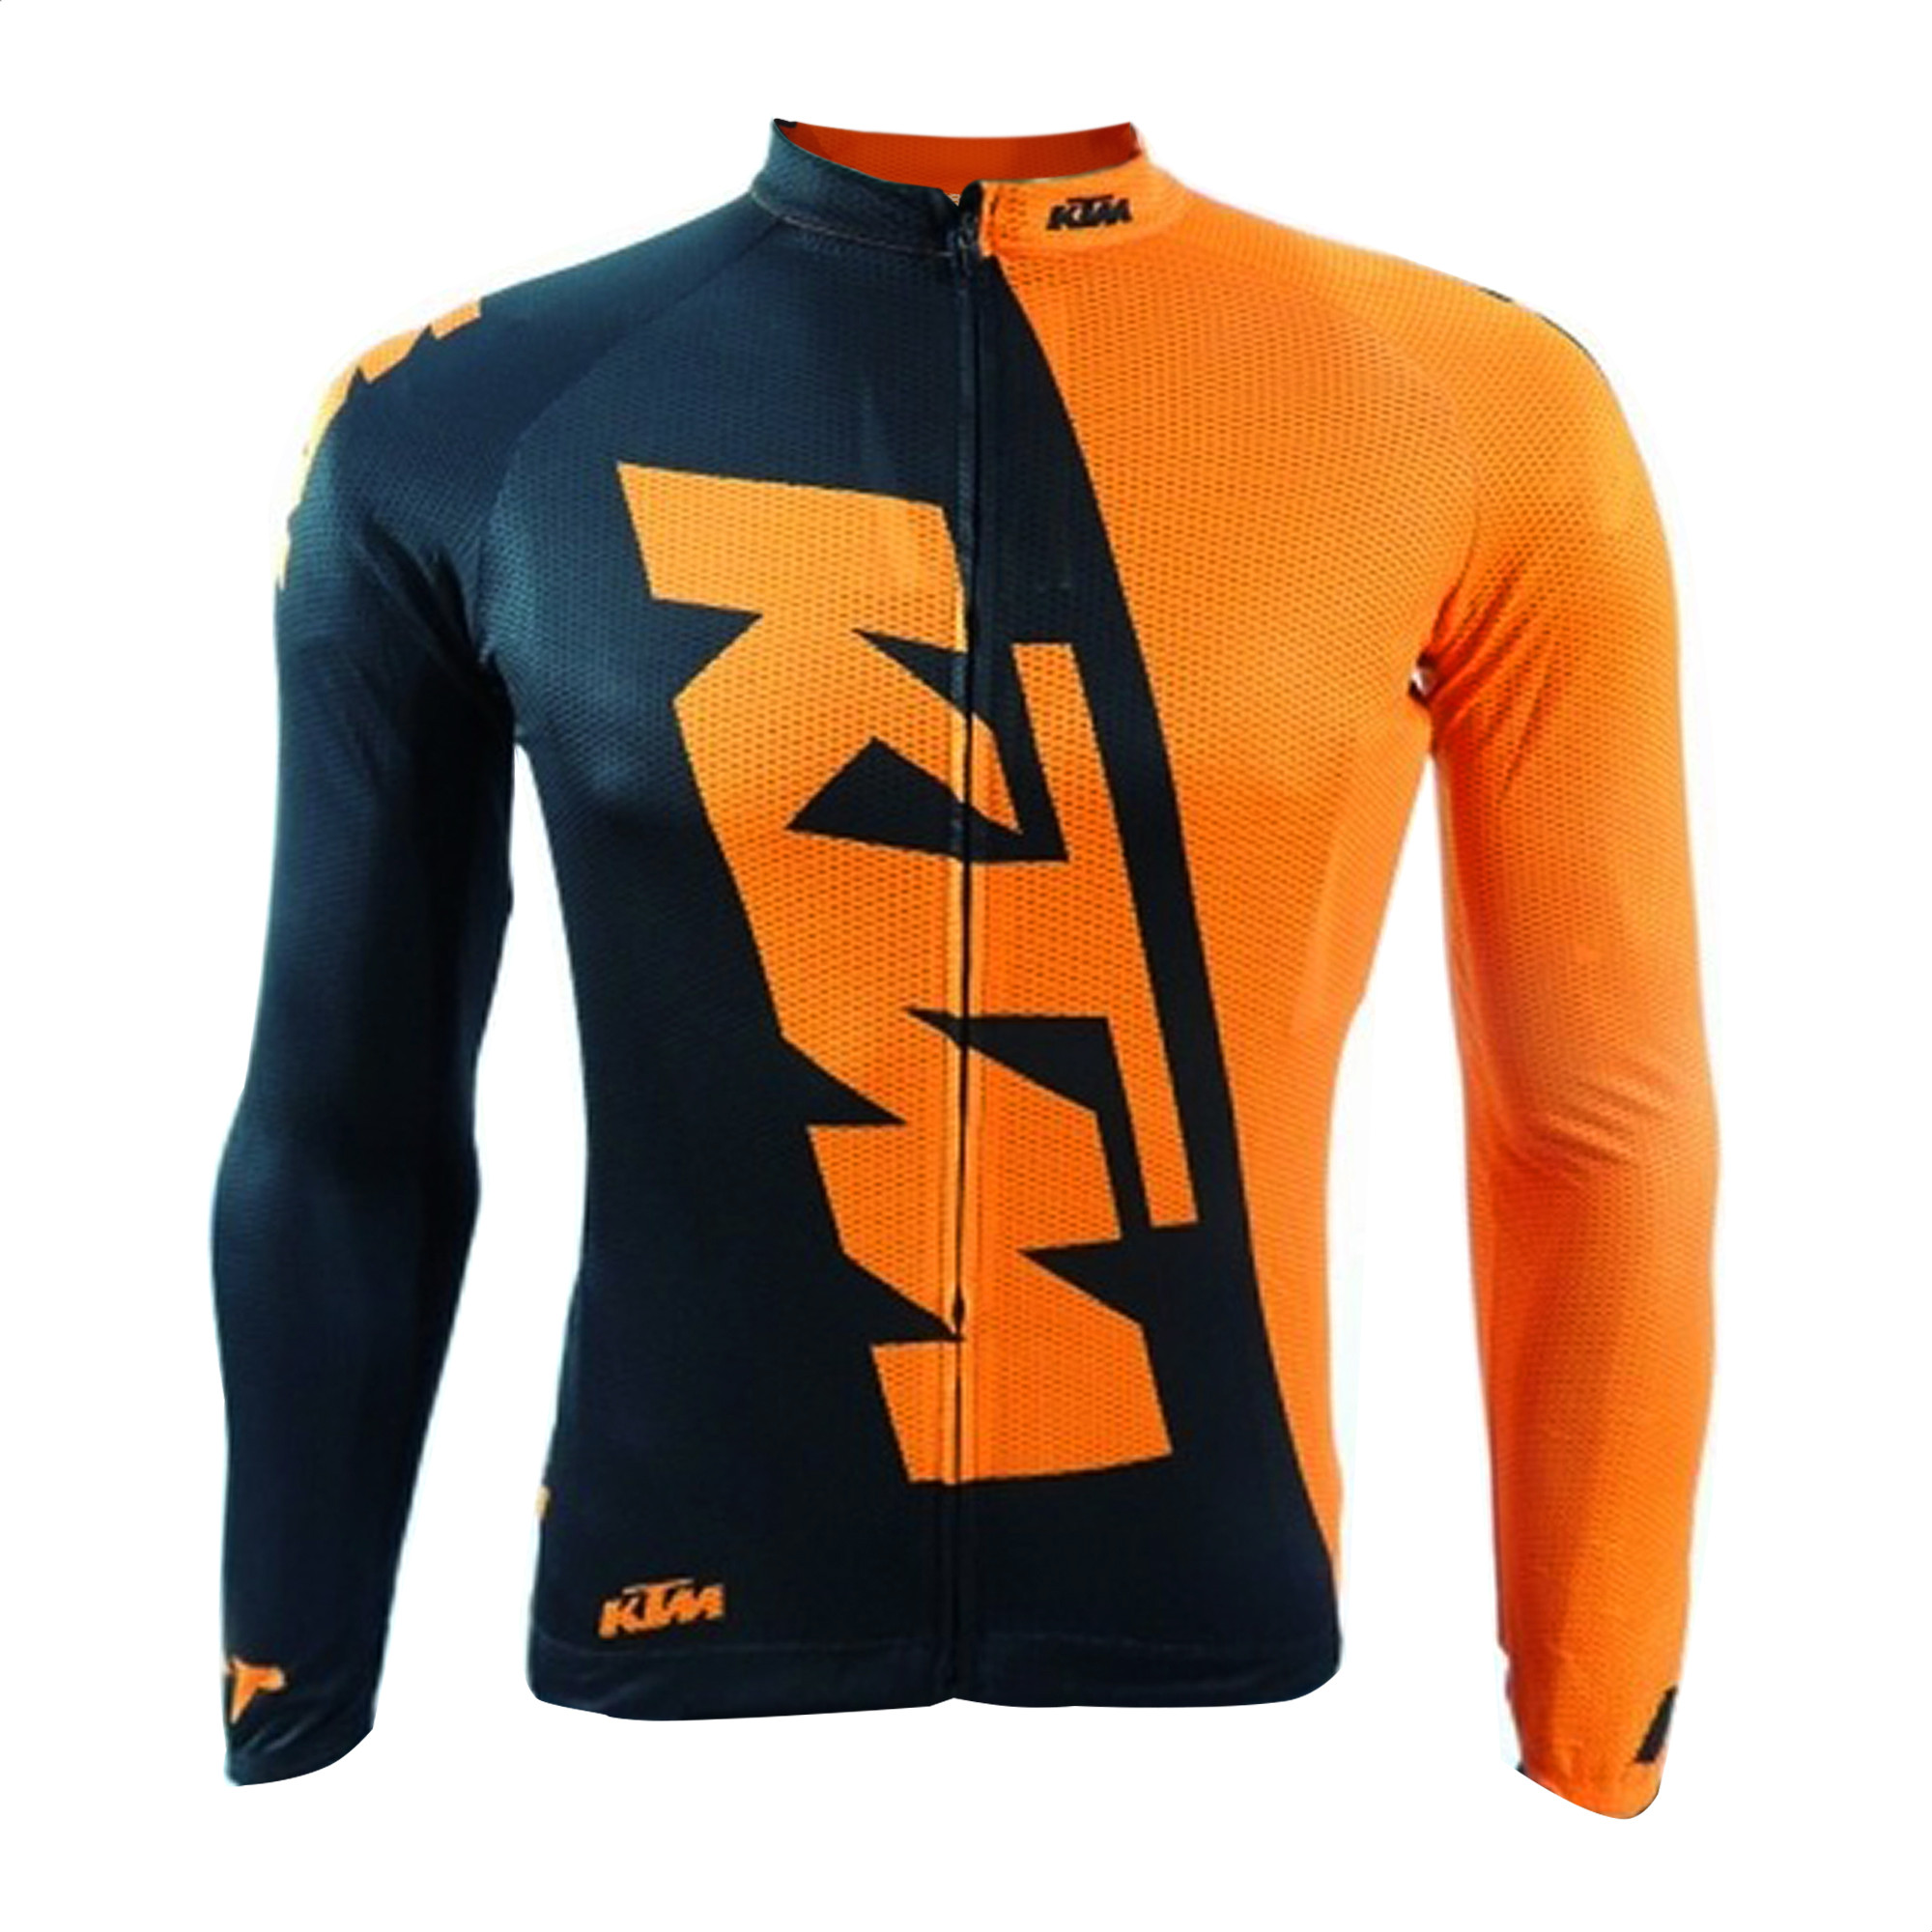 Remera Jersey Manga Larga Bicicleta KTM Team Negro Naranja